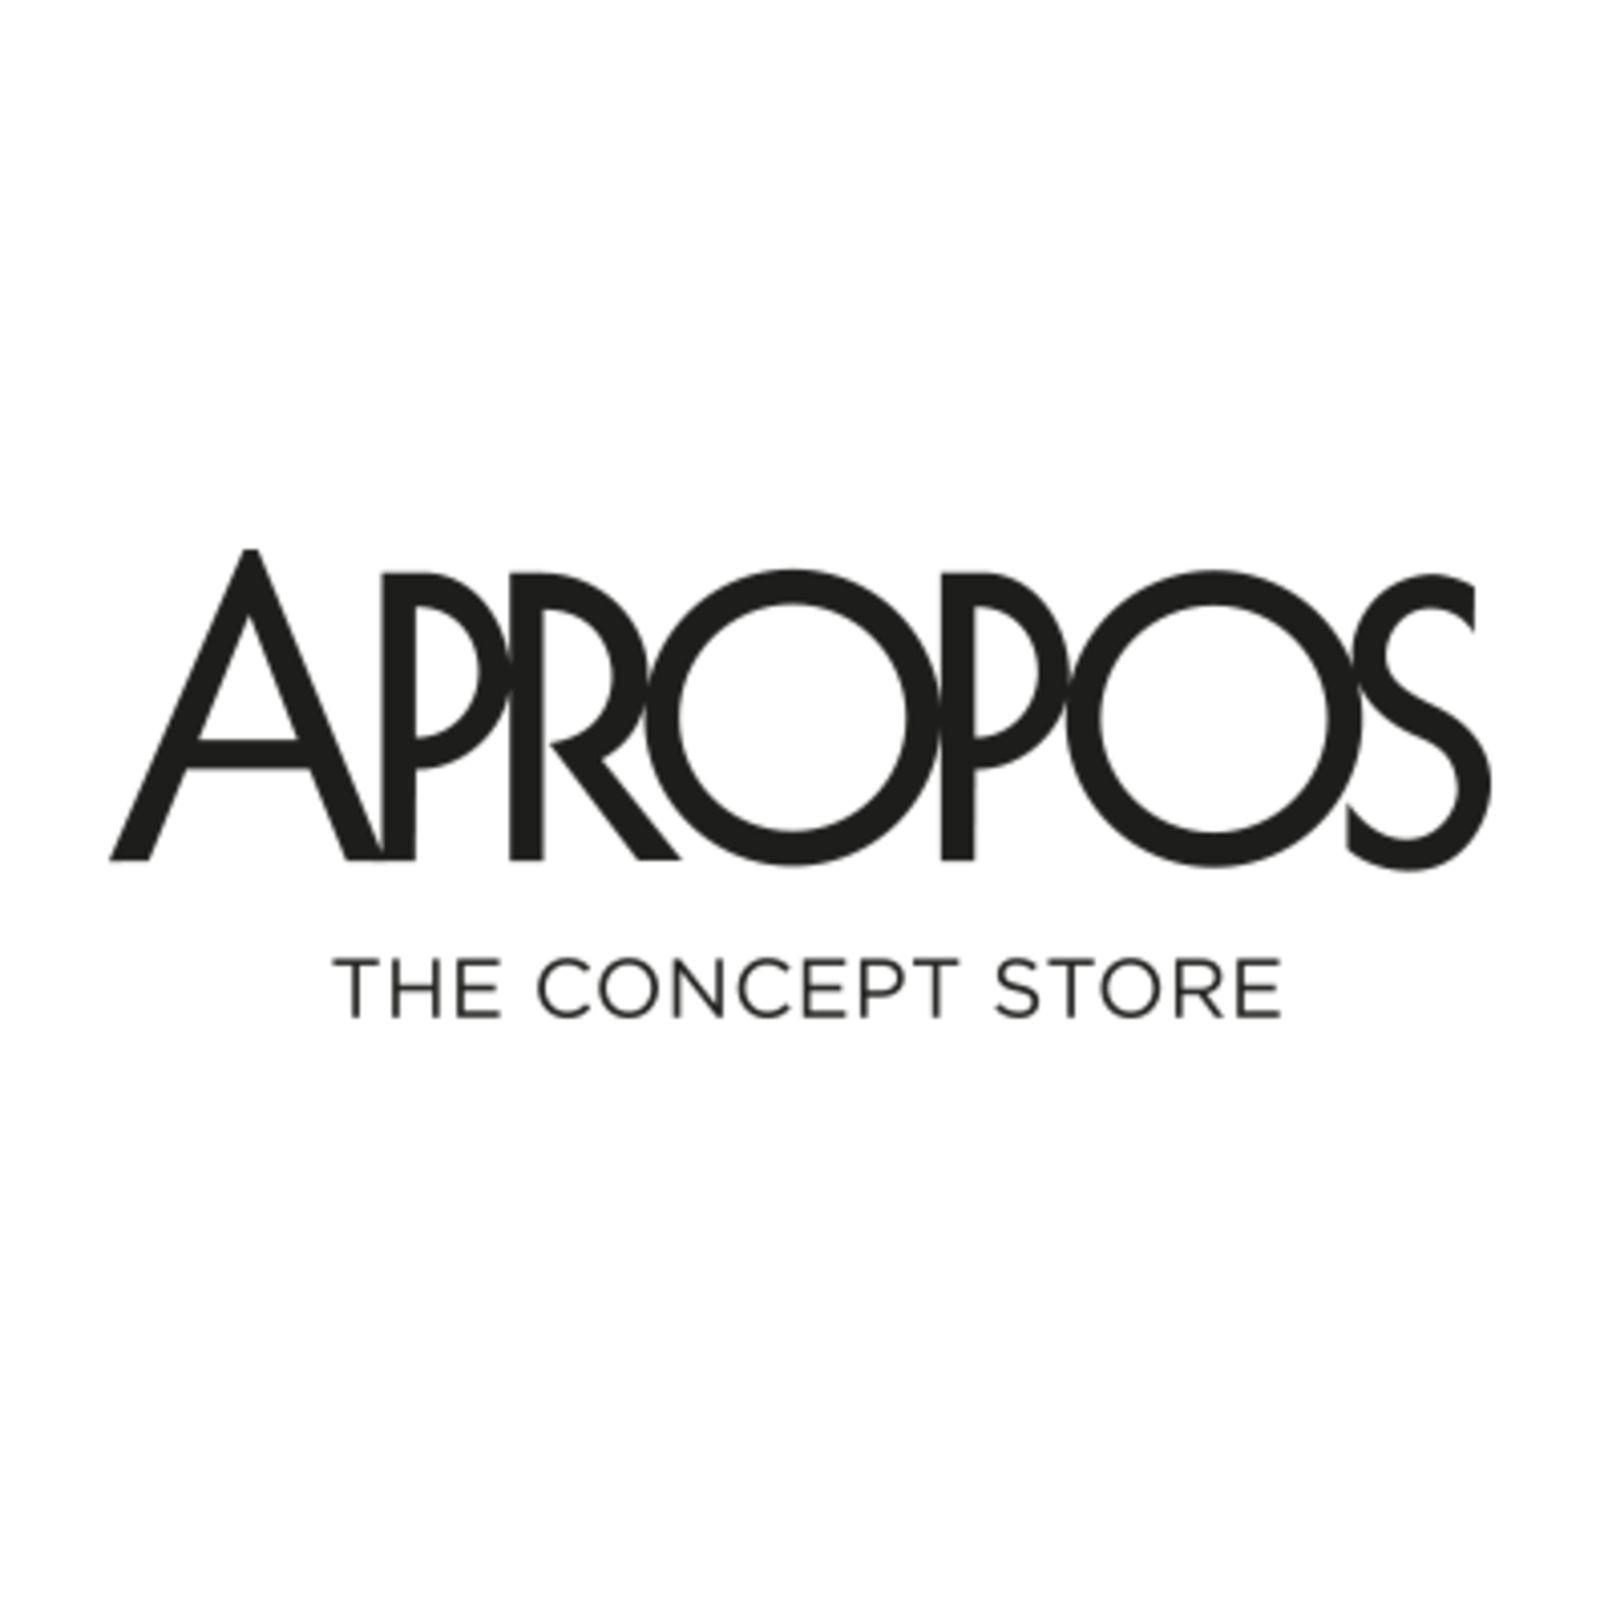 APROPOPS The Concept Store in Hamburg (Bild 1)